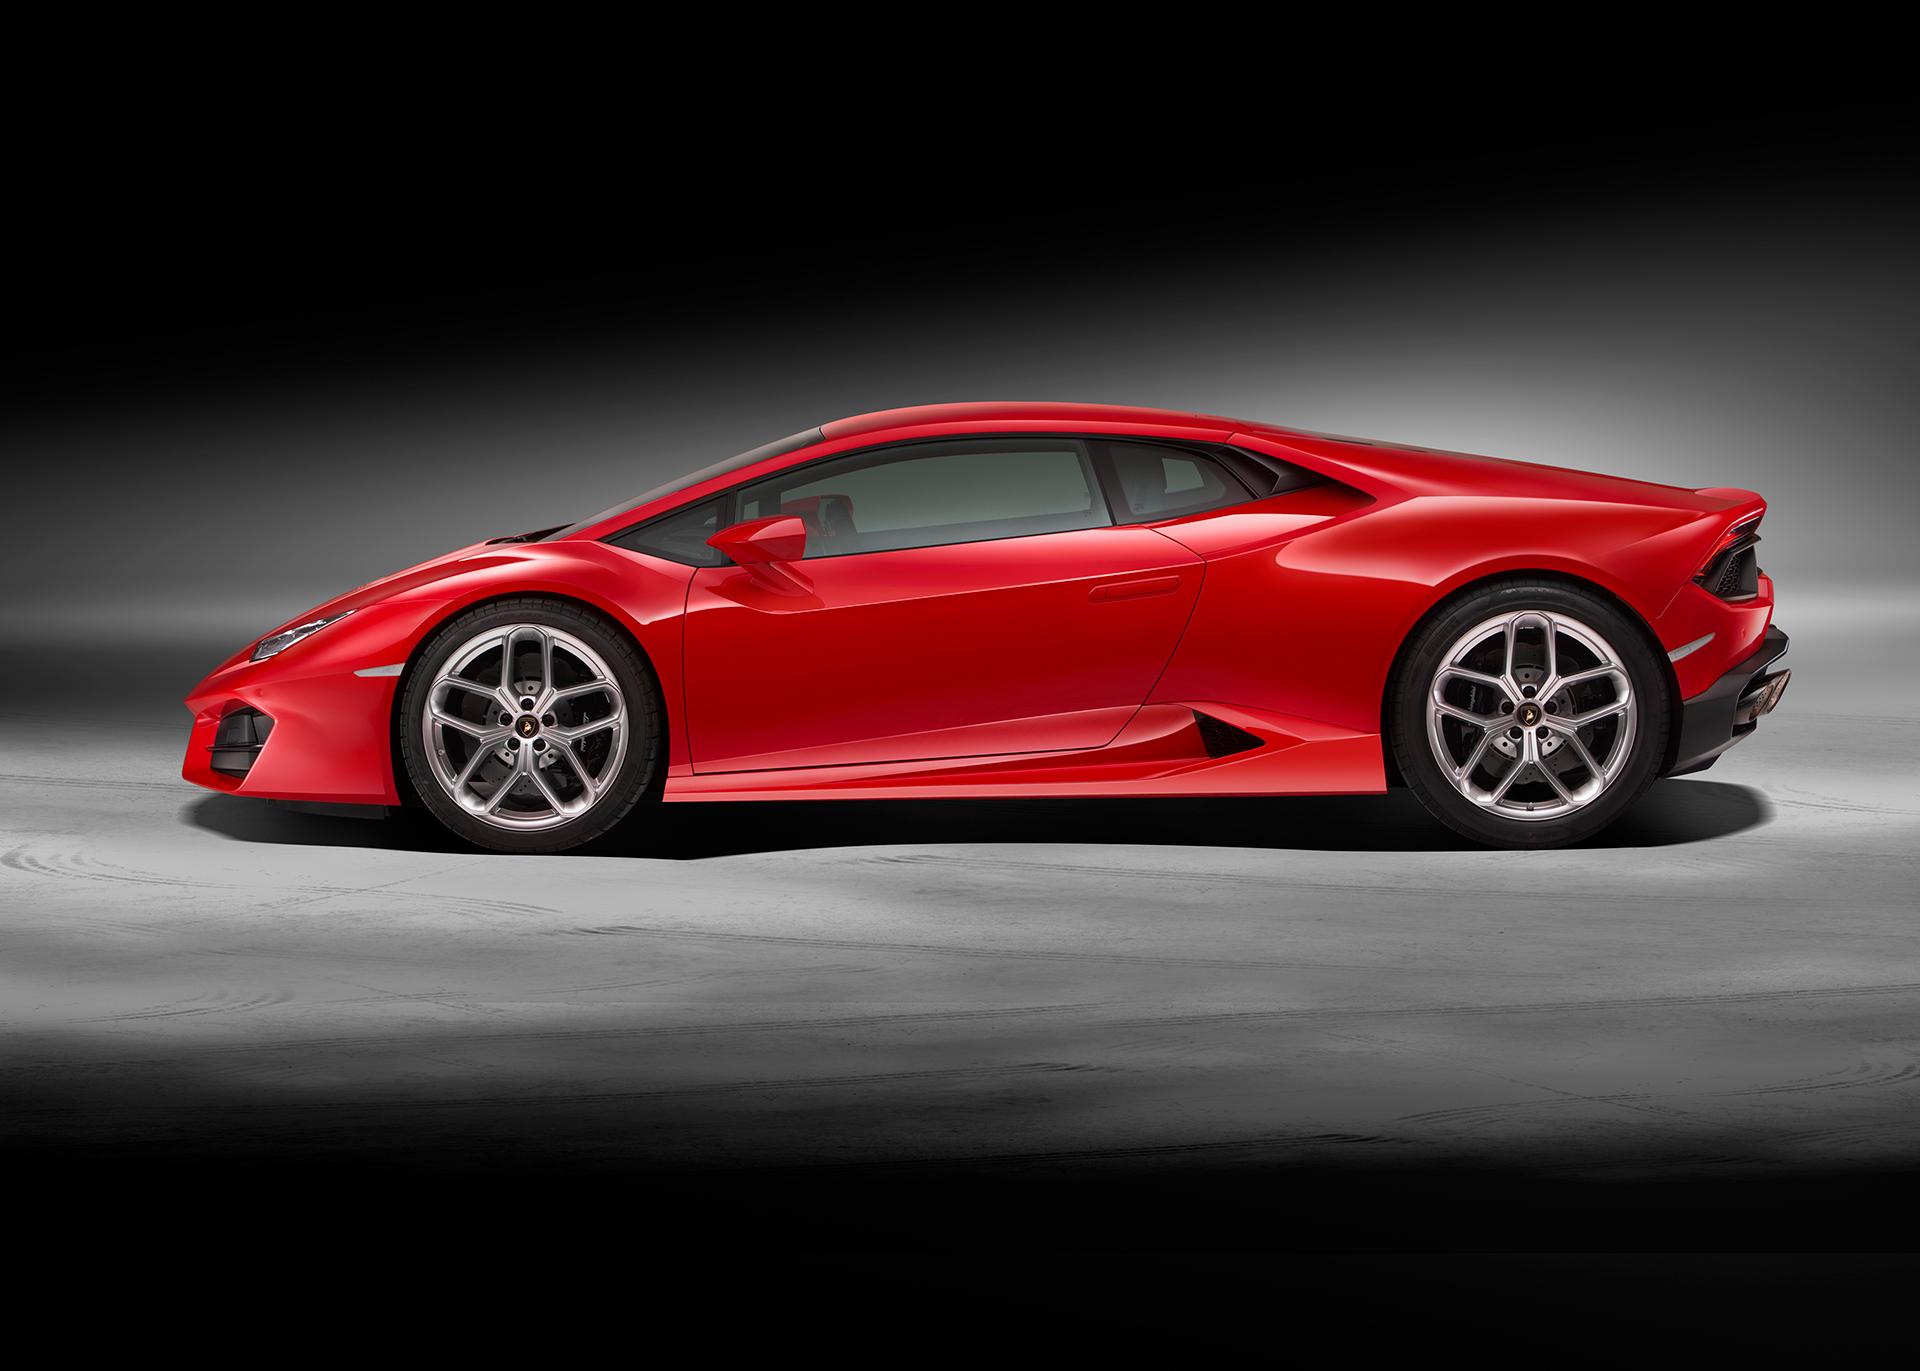 Lamborghini Huracán LP 580-2 - profil / side-face